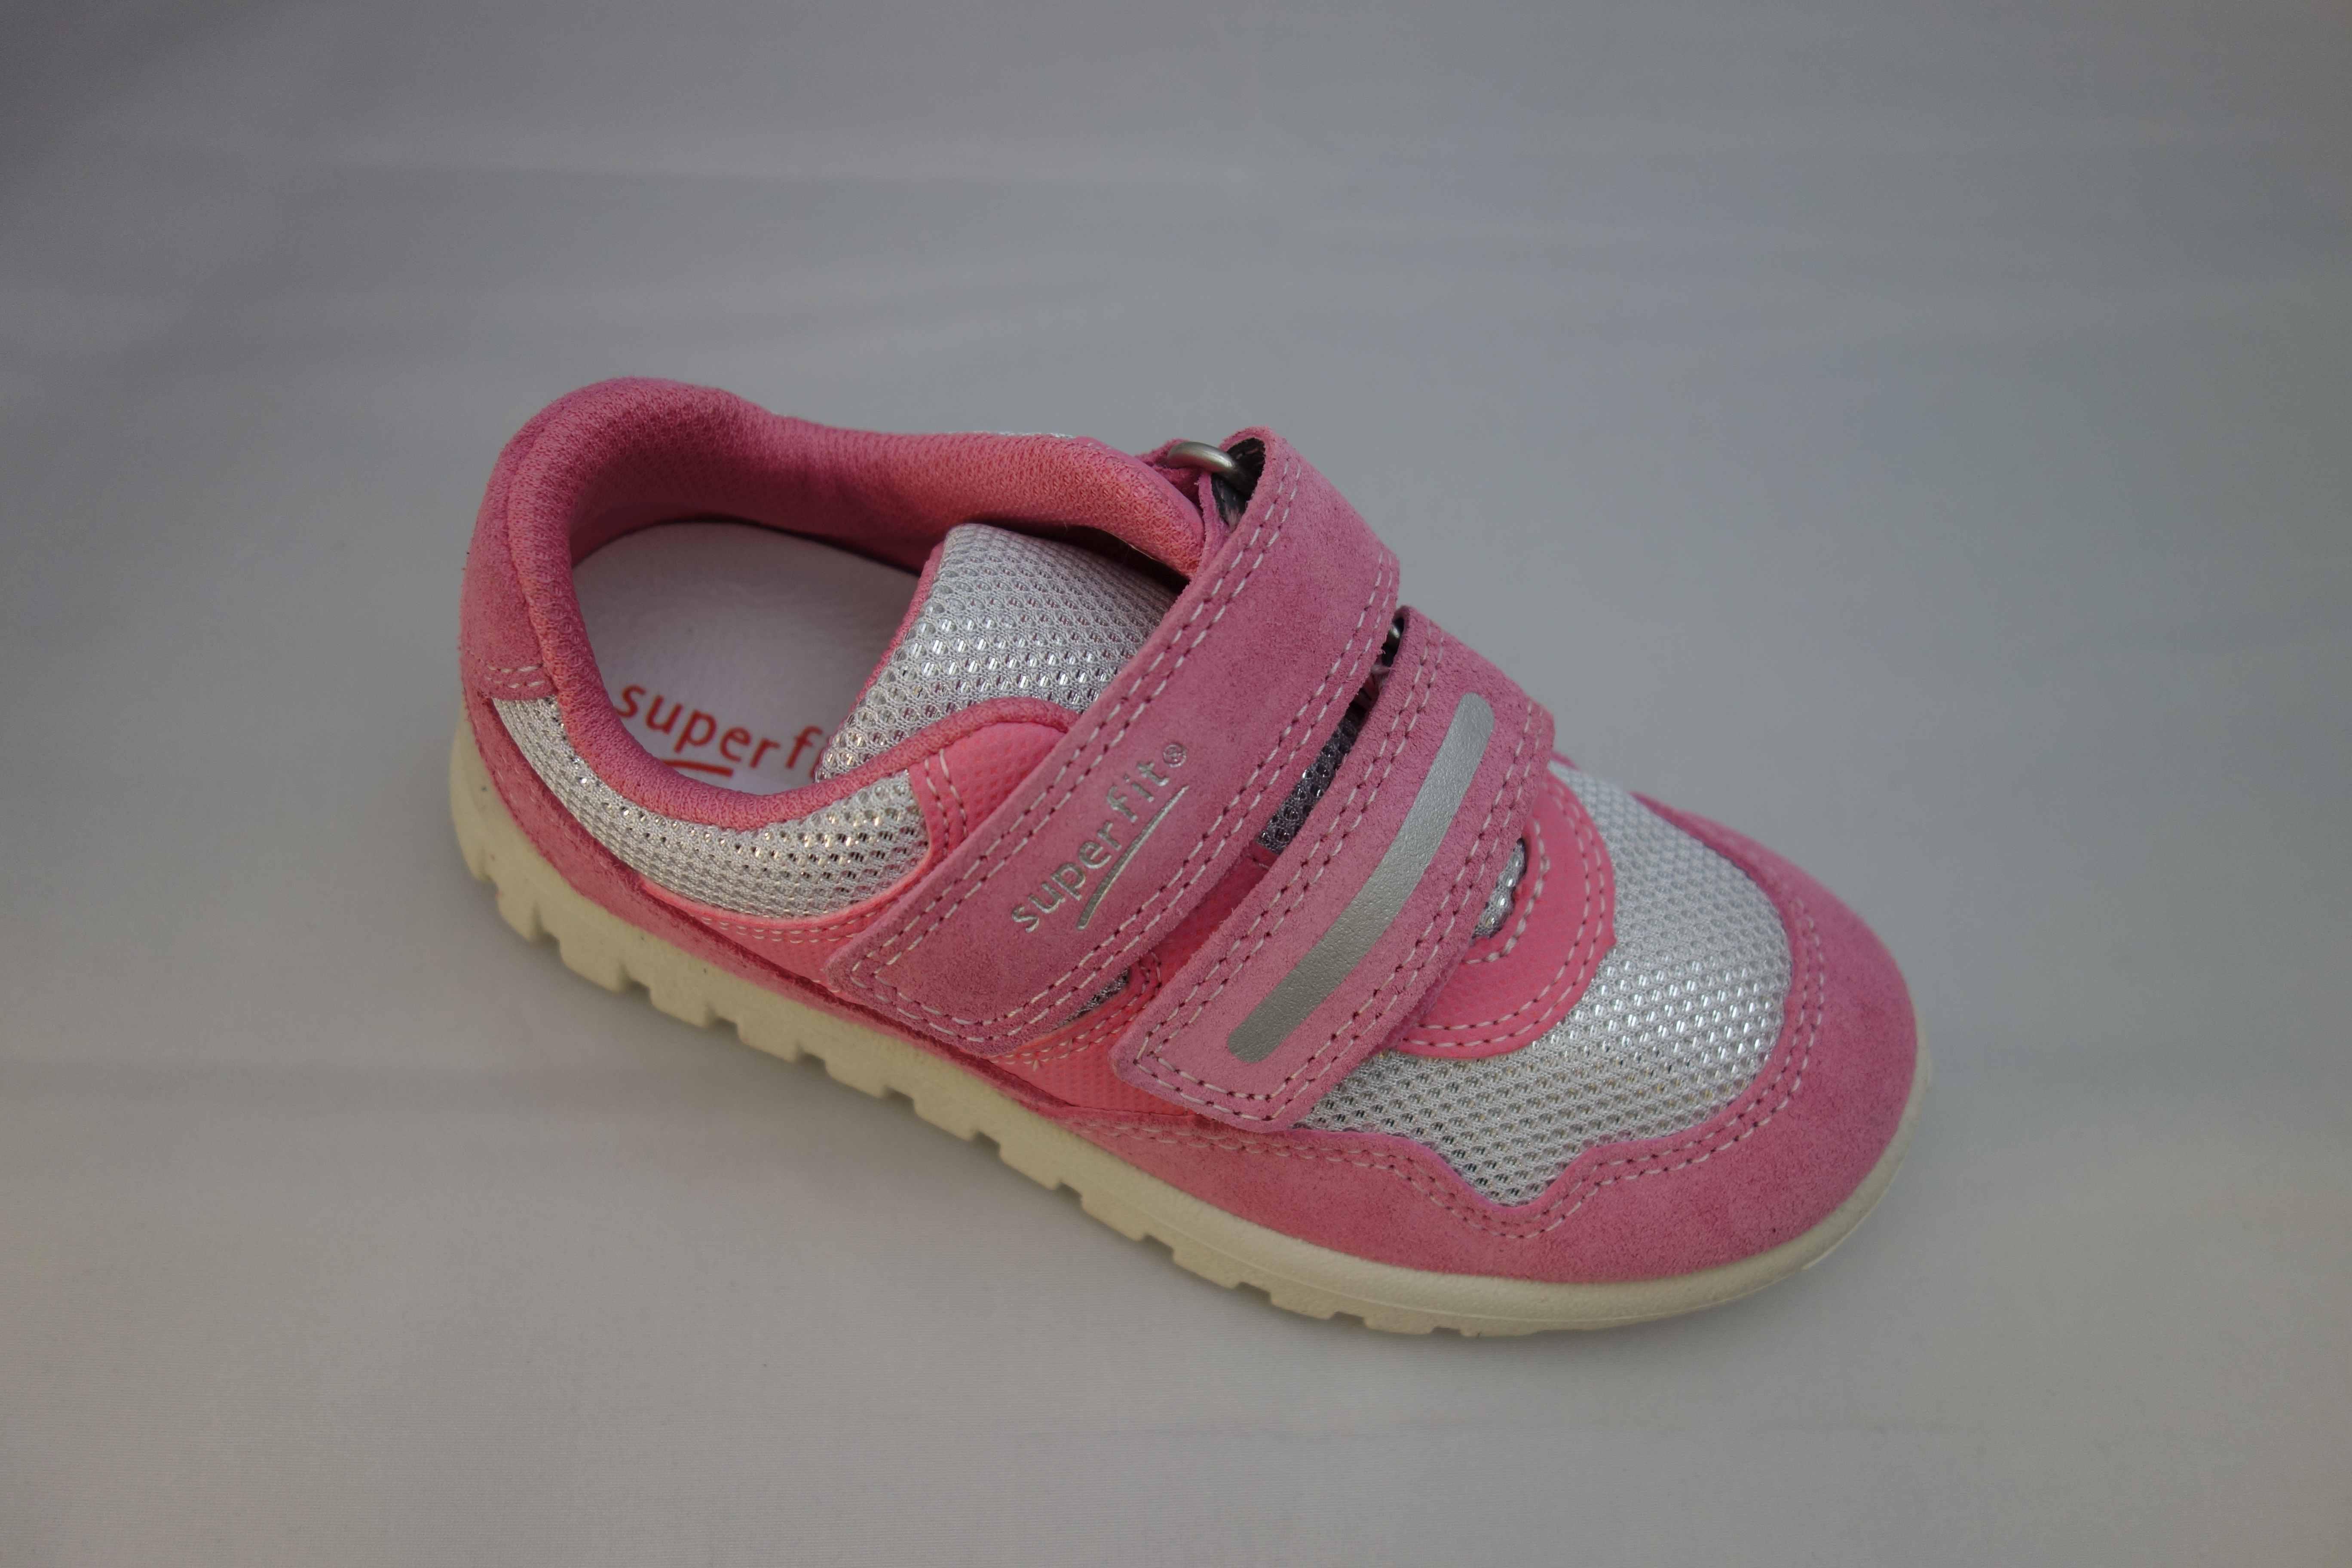 e488809e60b Superfit celoroční dětska bota vzor 09190-25 goretex